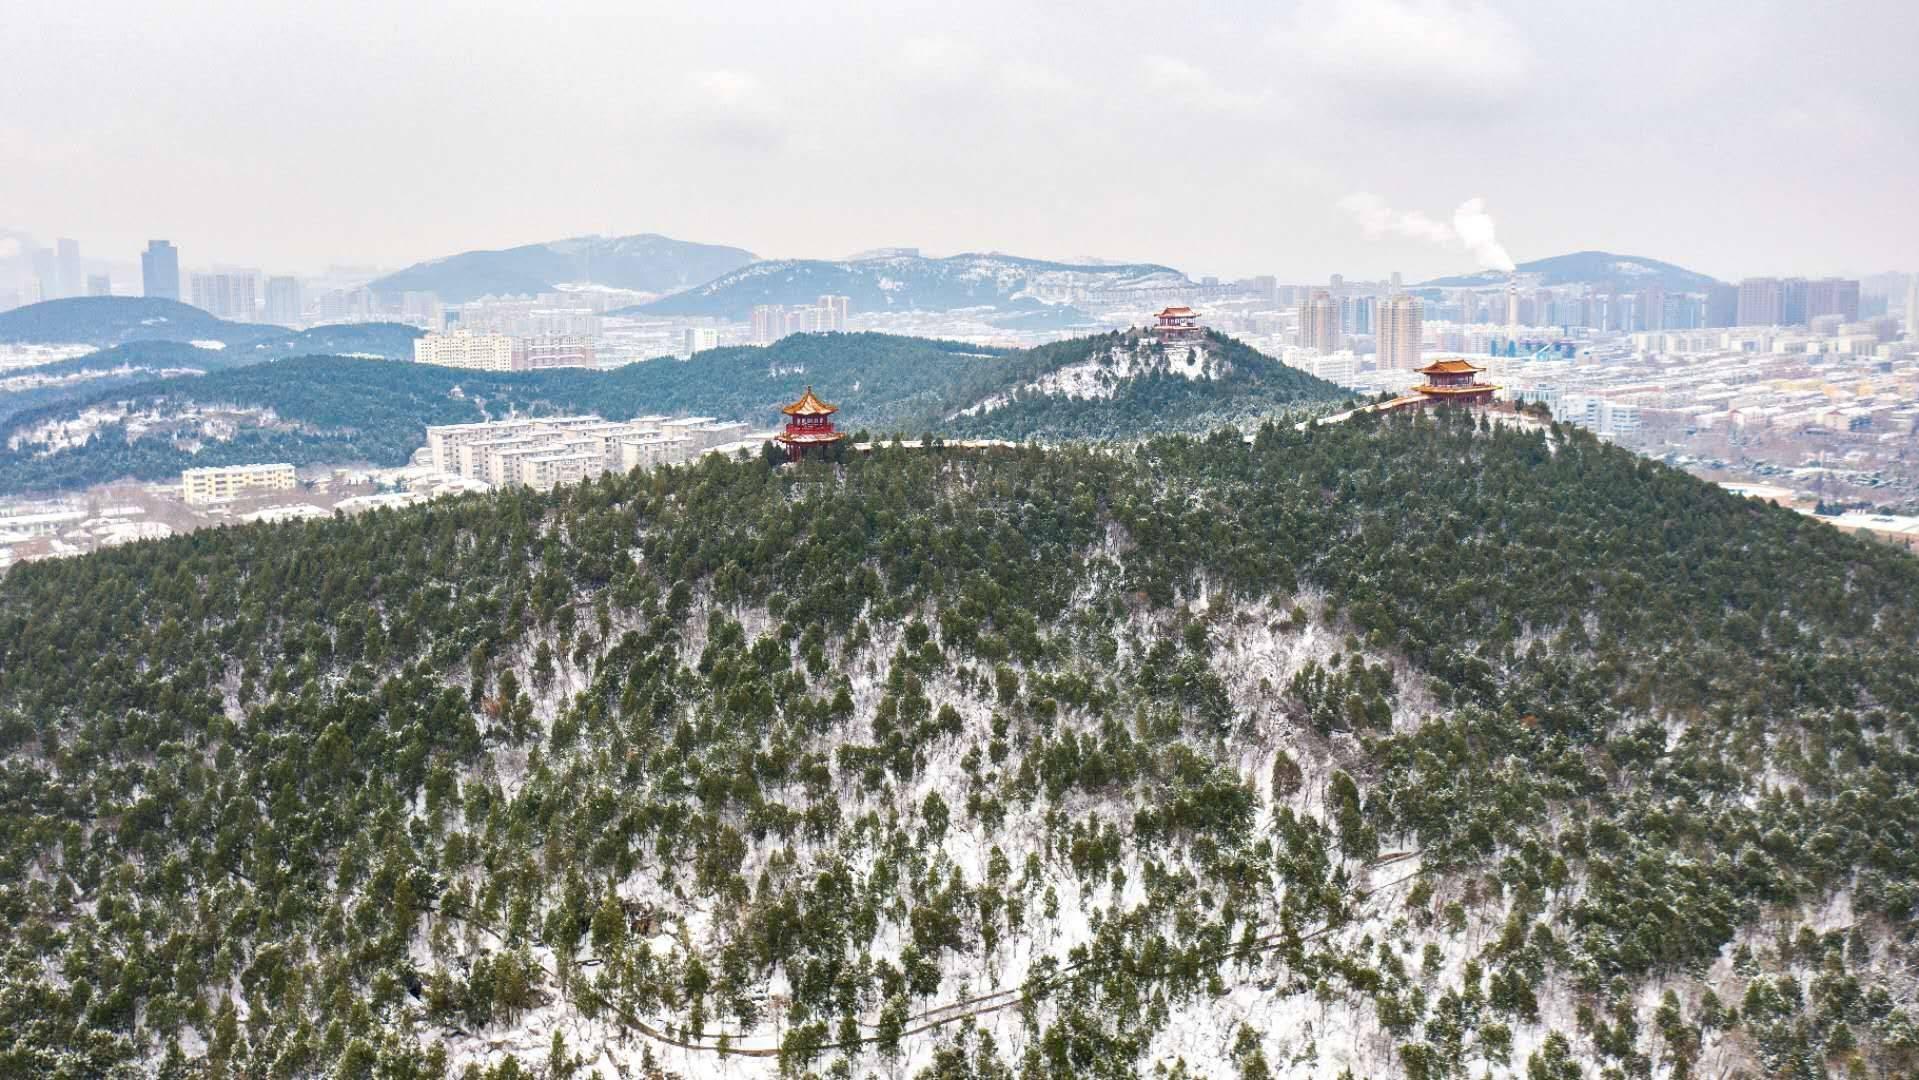 泉城迎大雪,济南银装素裹成冰雪世界